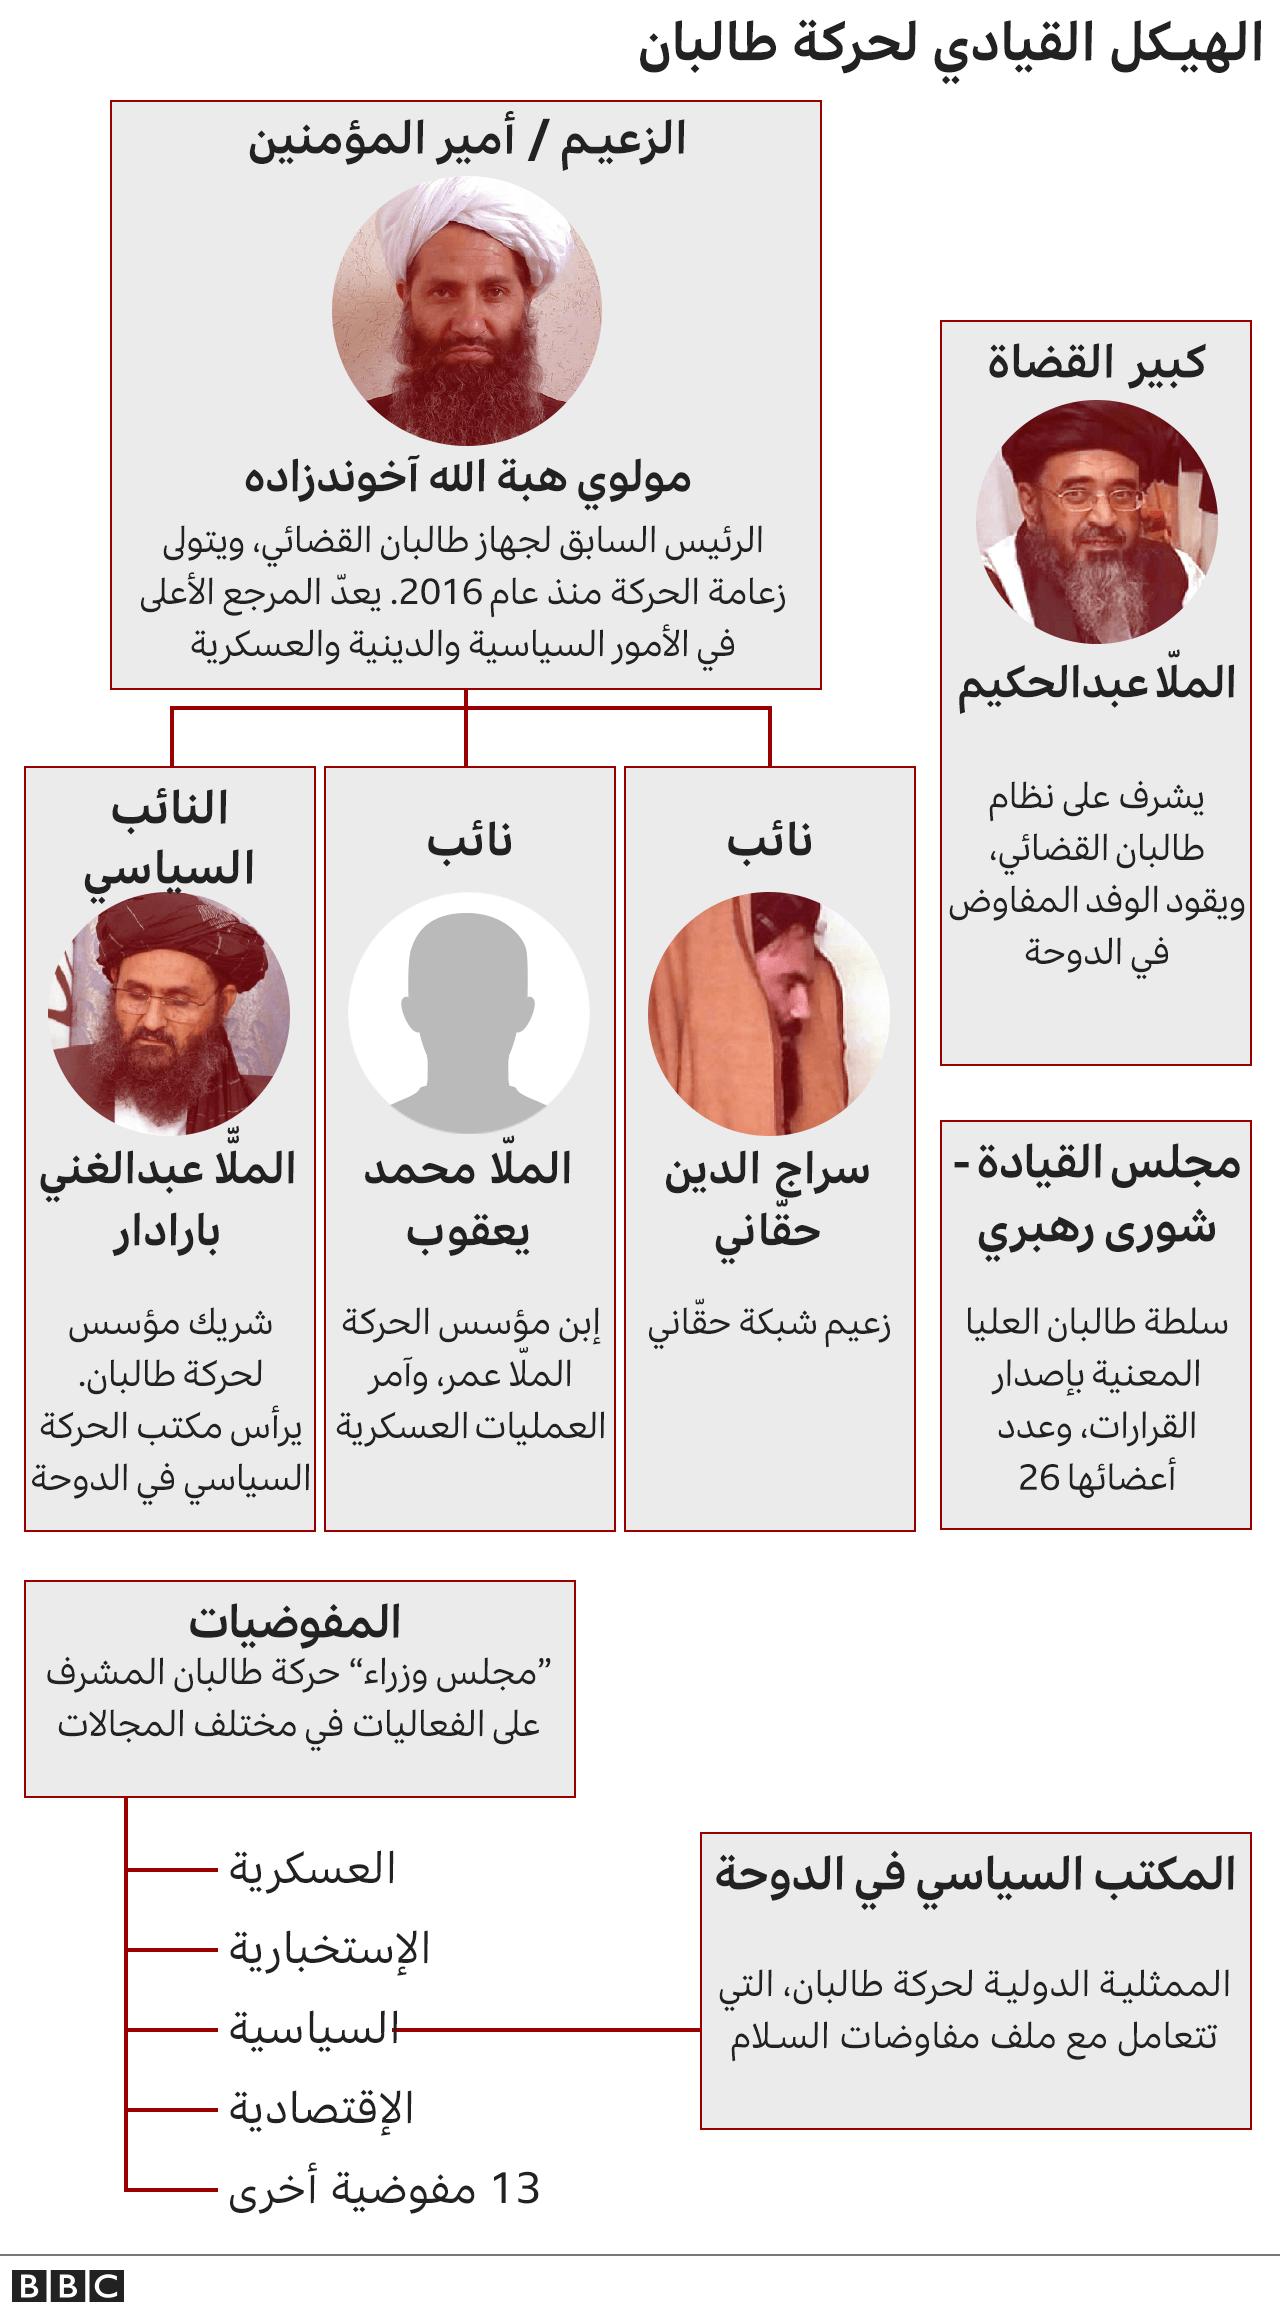 الهيكل القيادي لحركة طالبان